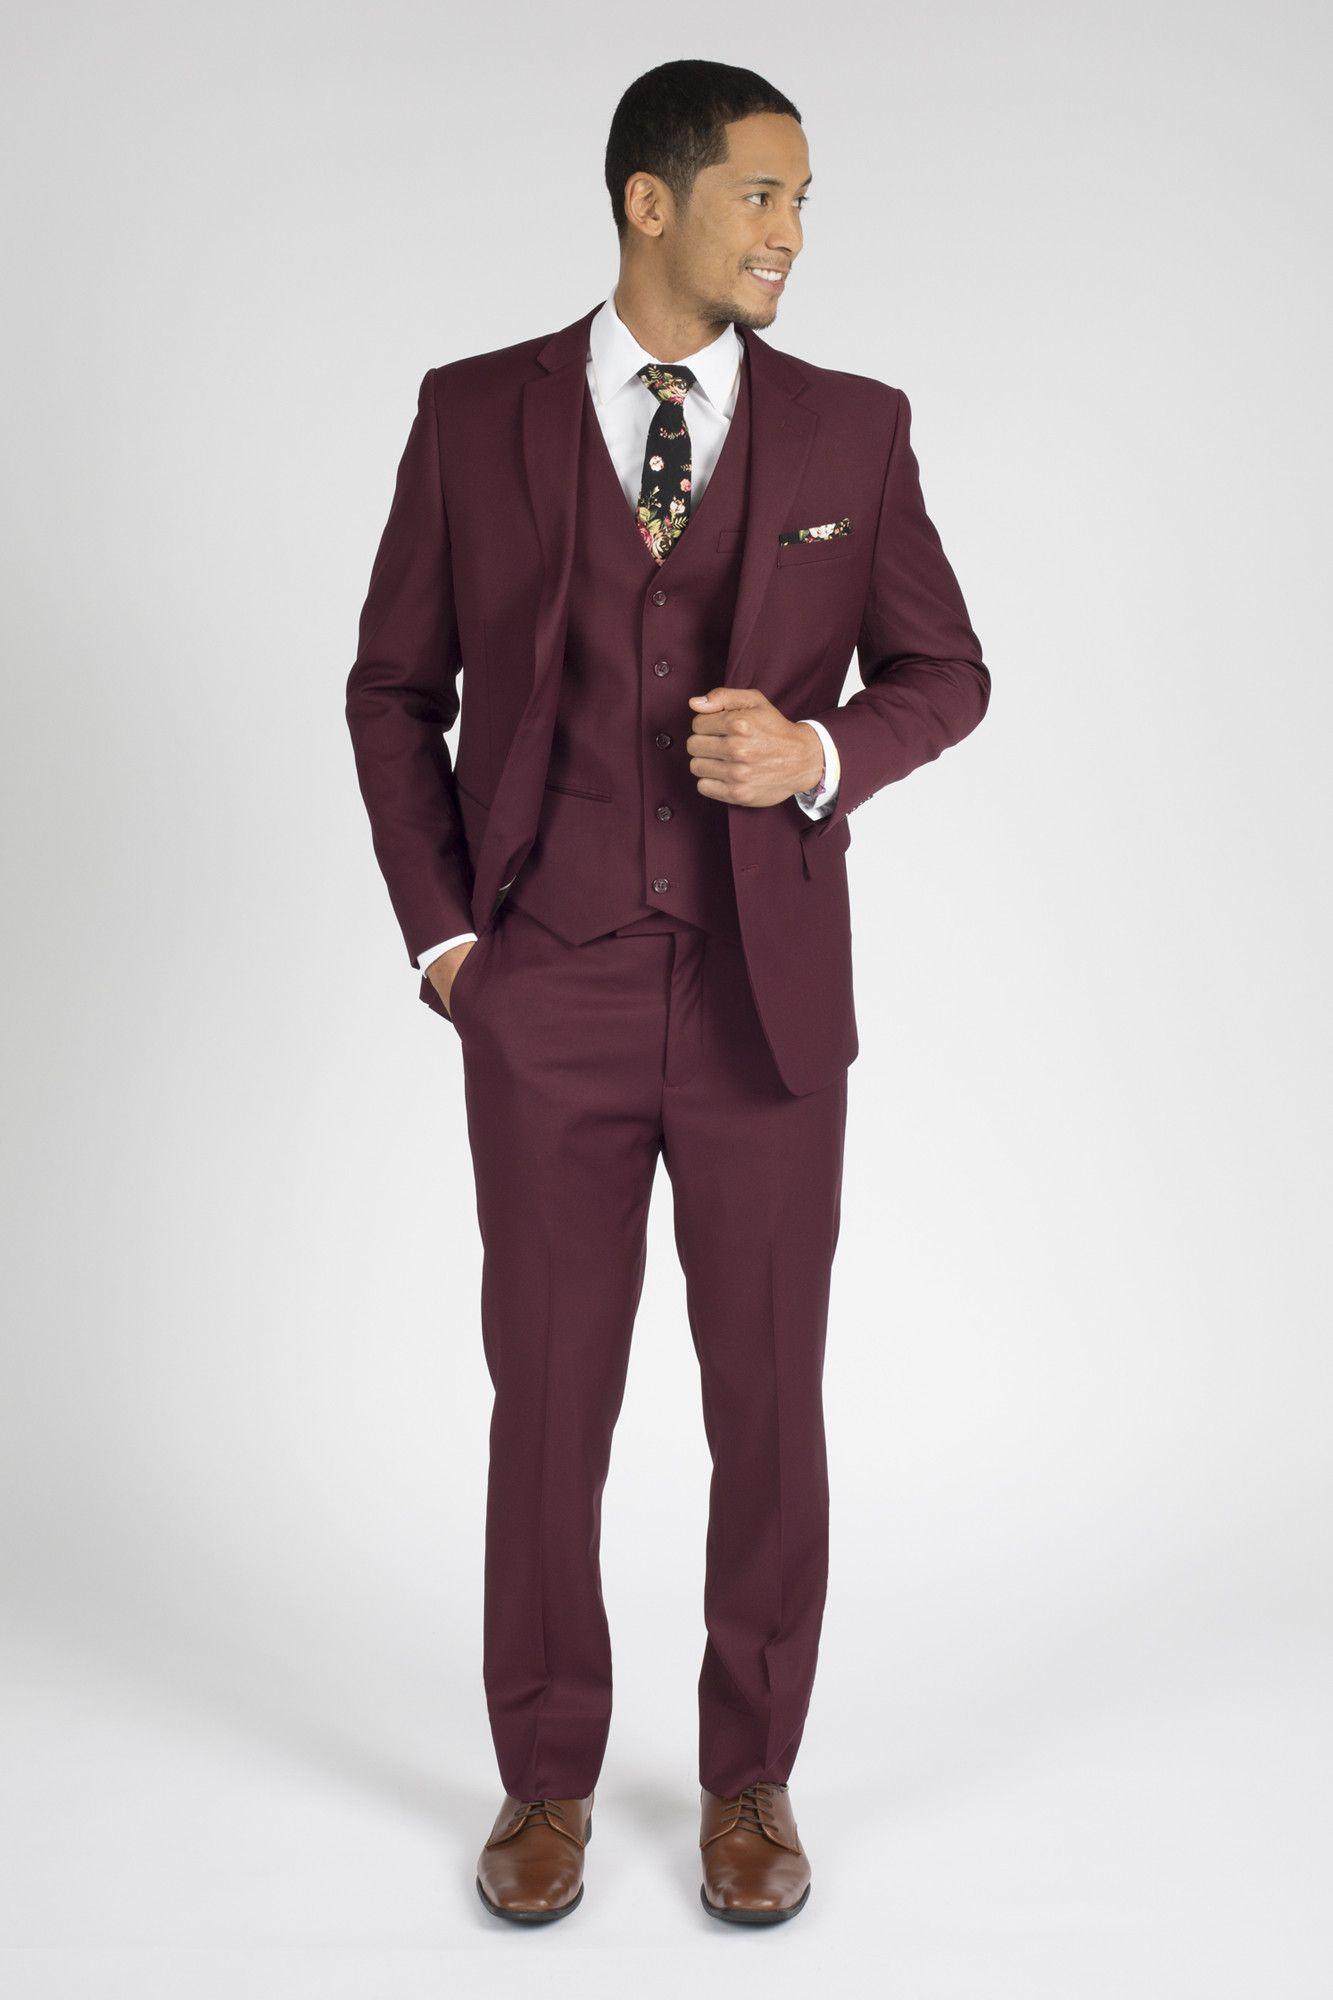 b3b06ddd719 Burgundy Modern Fit Suit. Burgundy Modern Fit Suit Burgundy Suit